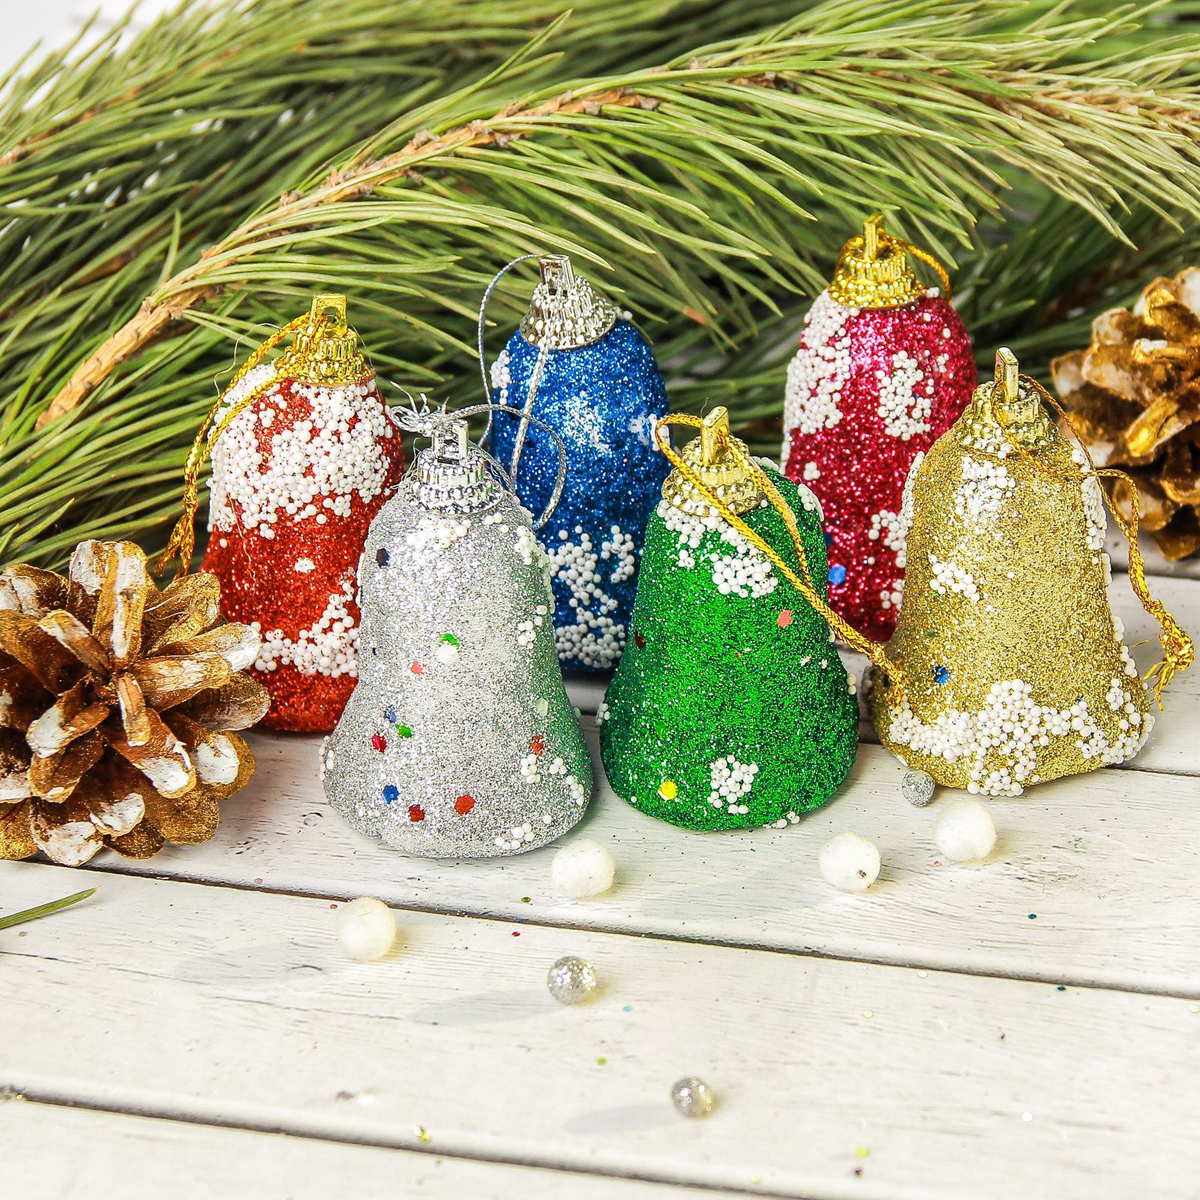 Набор новогодних подвесных украшений Sima-land Блеск, 4 х 4,5 см, 6 шт2372139Набор новогодних подвесных украшений Sima-land отлично подойдет для декорации вашего дома и новогодней ели. Новогодние украшения можно повесить в любом понравившемся вам месте. Но, конечно, удачнее всего они будет смотреться на праздничной елке.Елочная игрушка - символ Нового года. Она несет в себе волшебство и красоту праздника. Такое украшение создаст в вашем доме атмосферу праздника, веселья и радости.